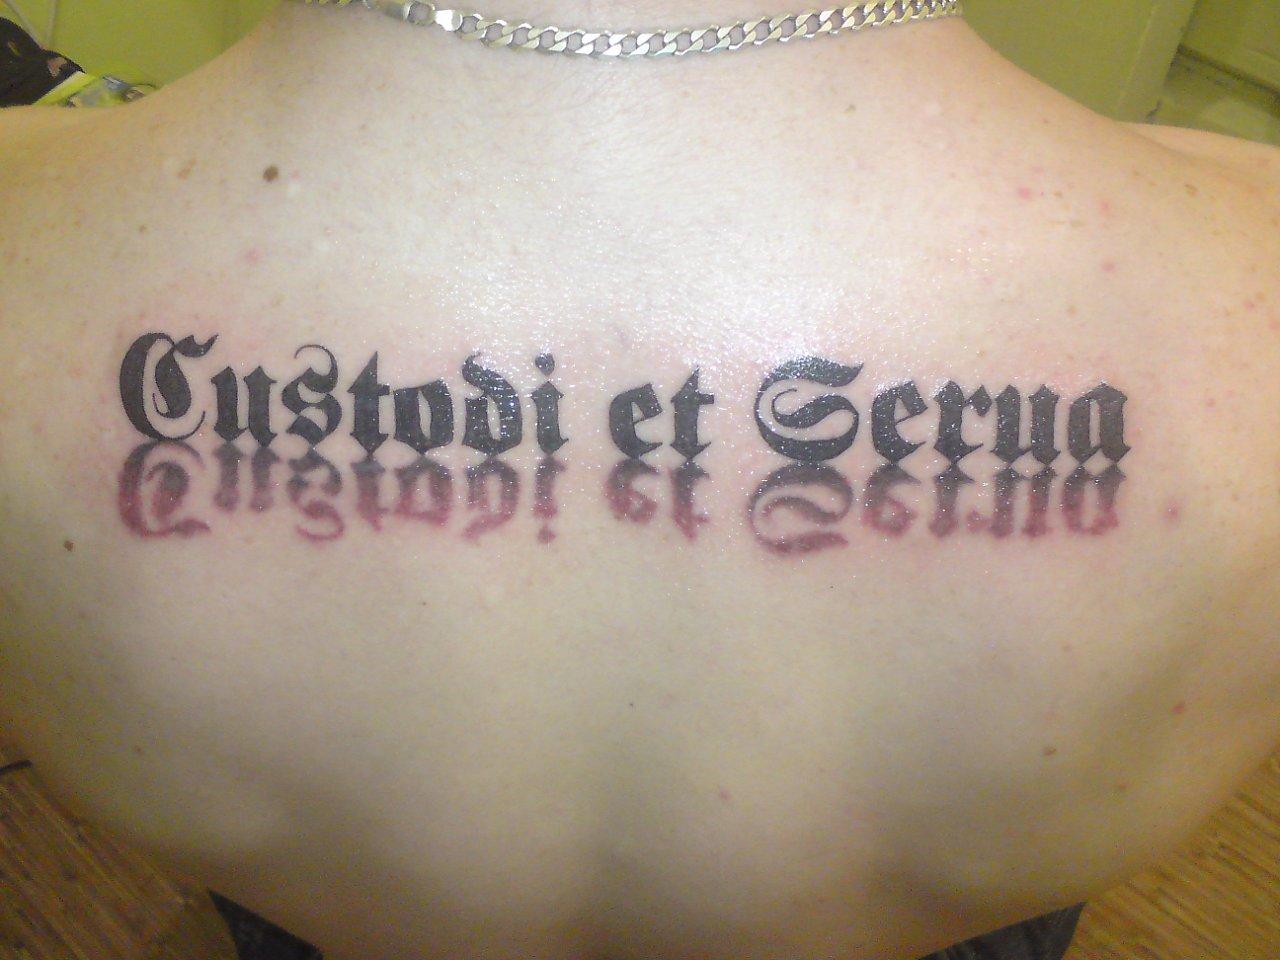 Крест с надписью спаси и сохрани - тату на предплечье у парня, добавлено